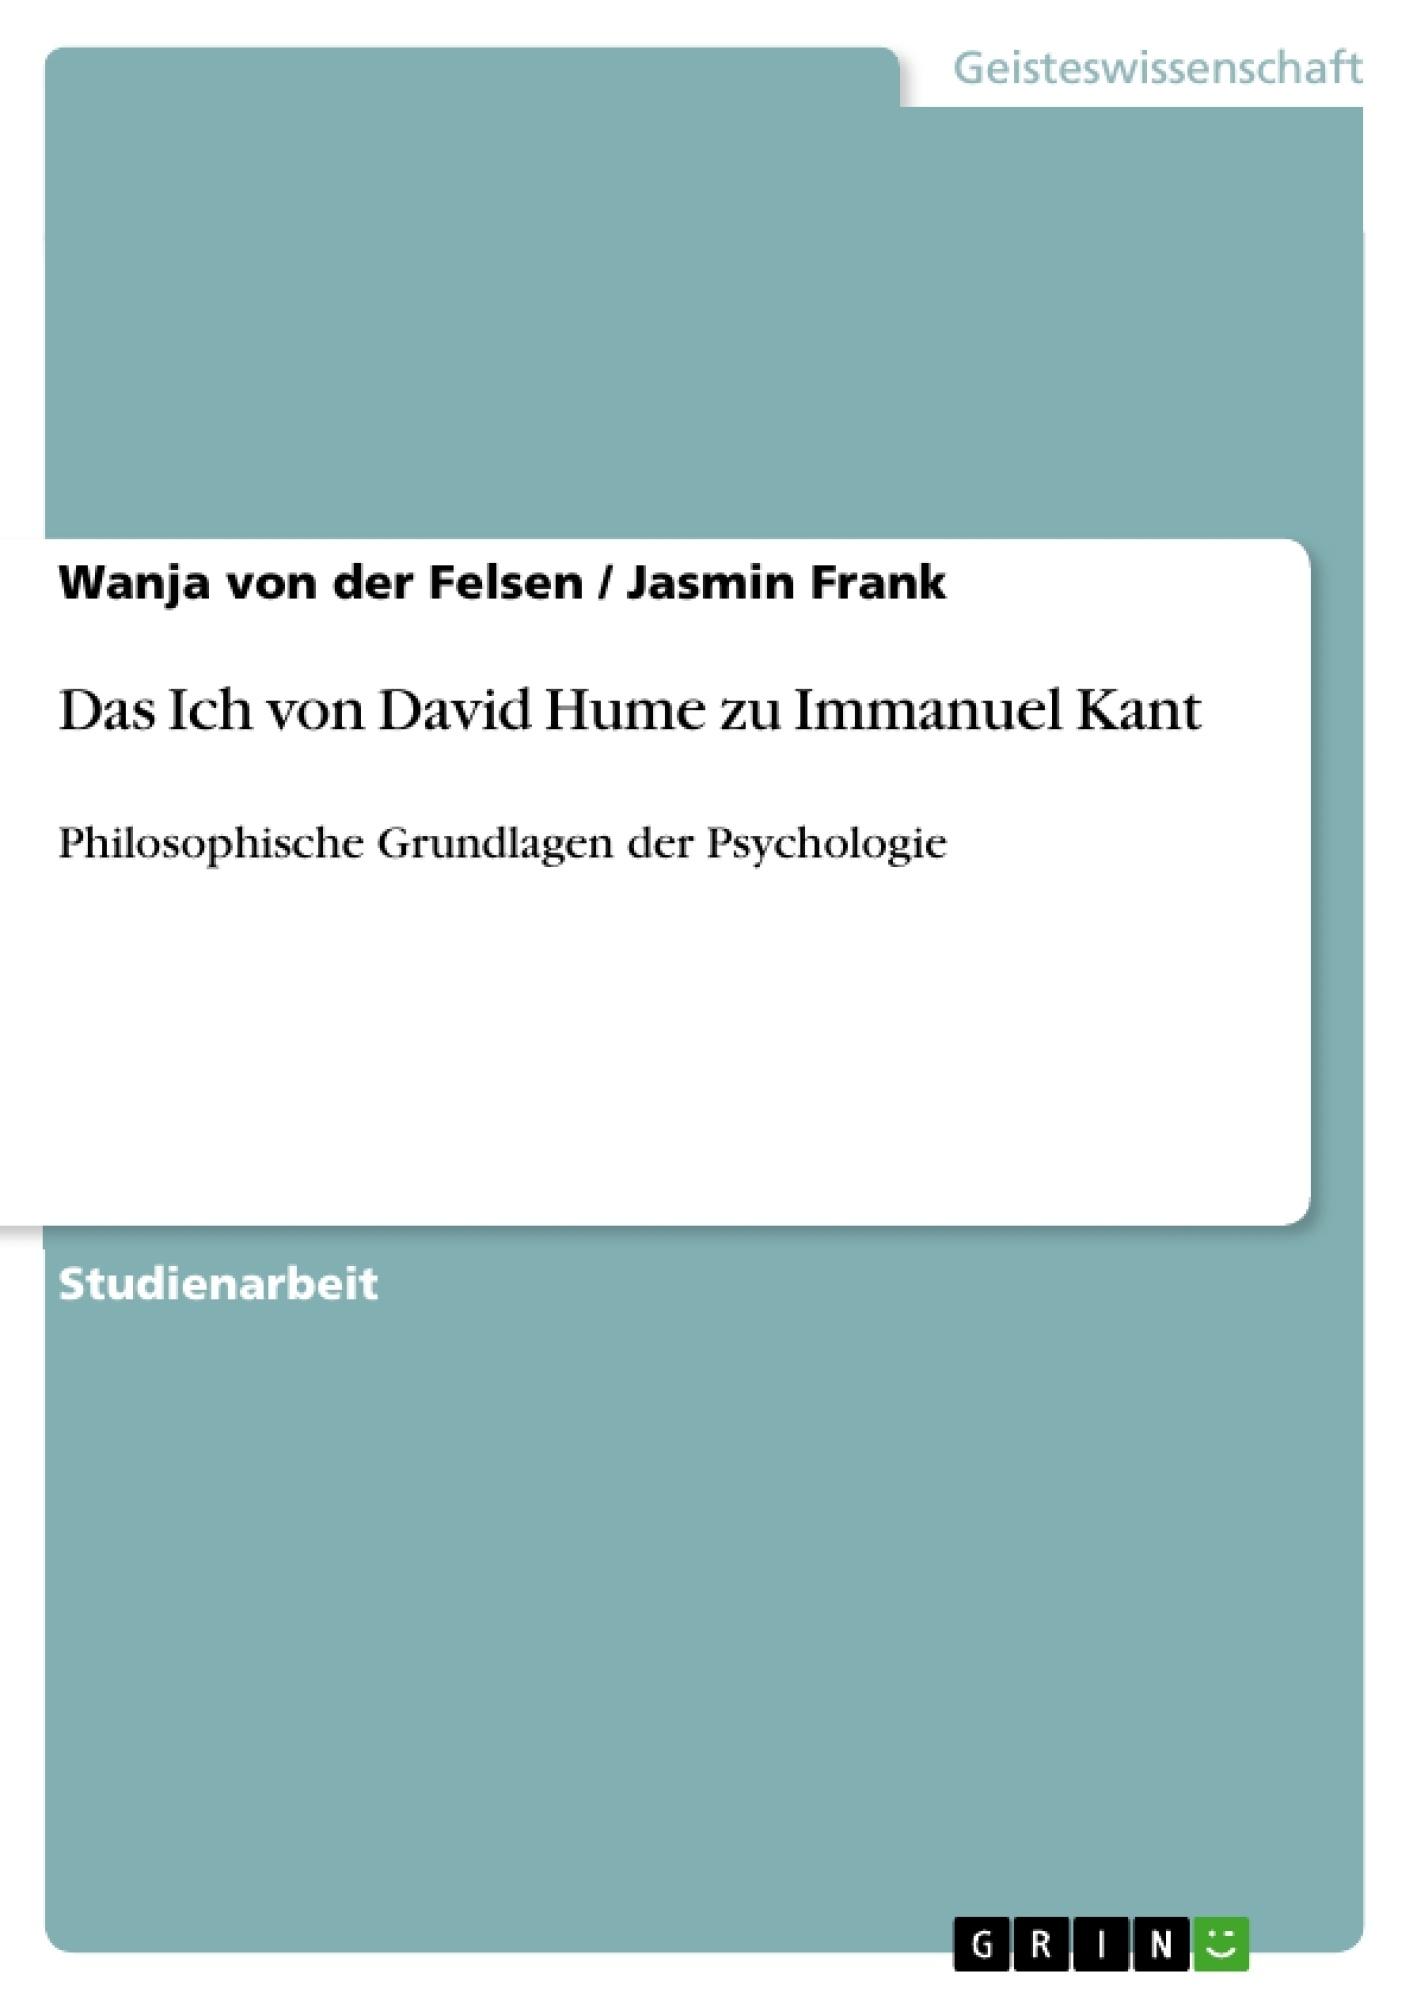 Titel: Das Ich von David Hume zu Immanuel Kant